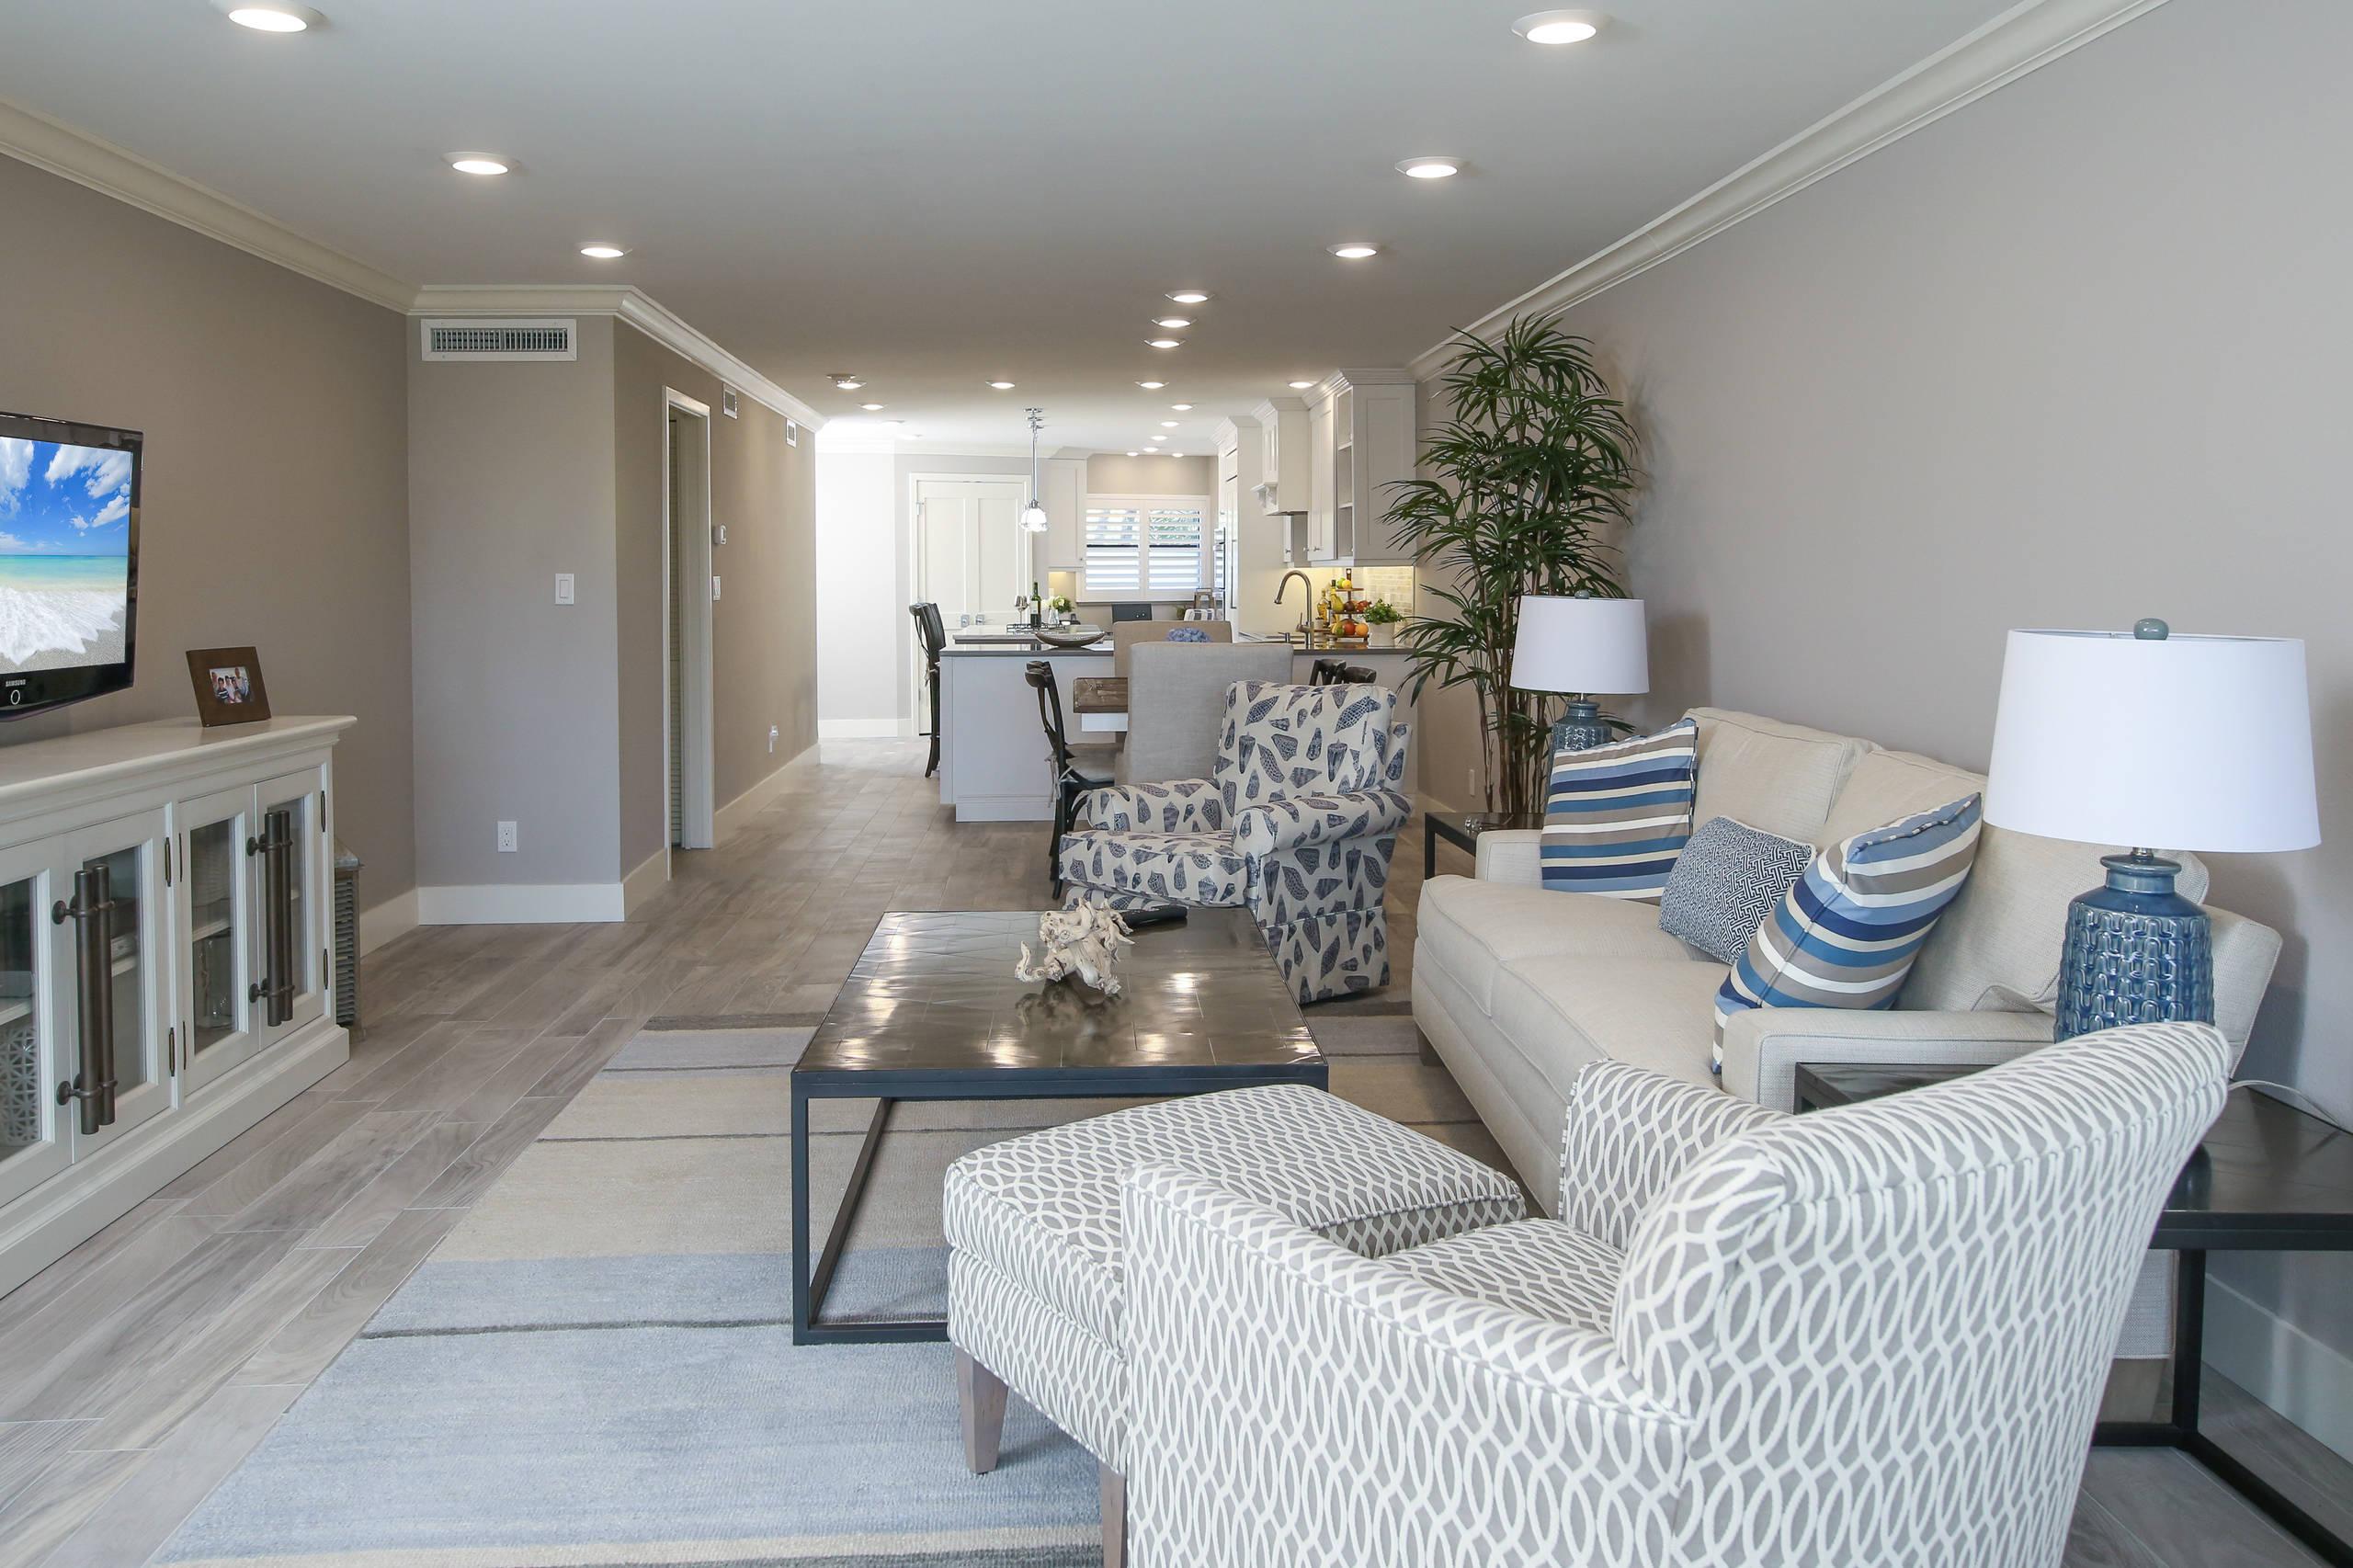 Certified Luxury Builders - Westin Hills - Siesta Key, FL - Condo Remodel 2